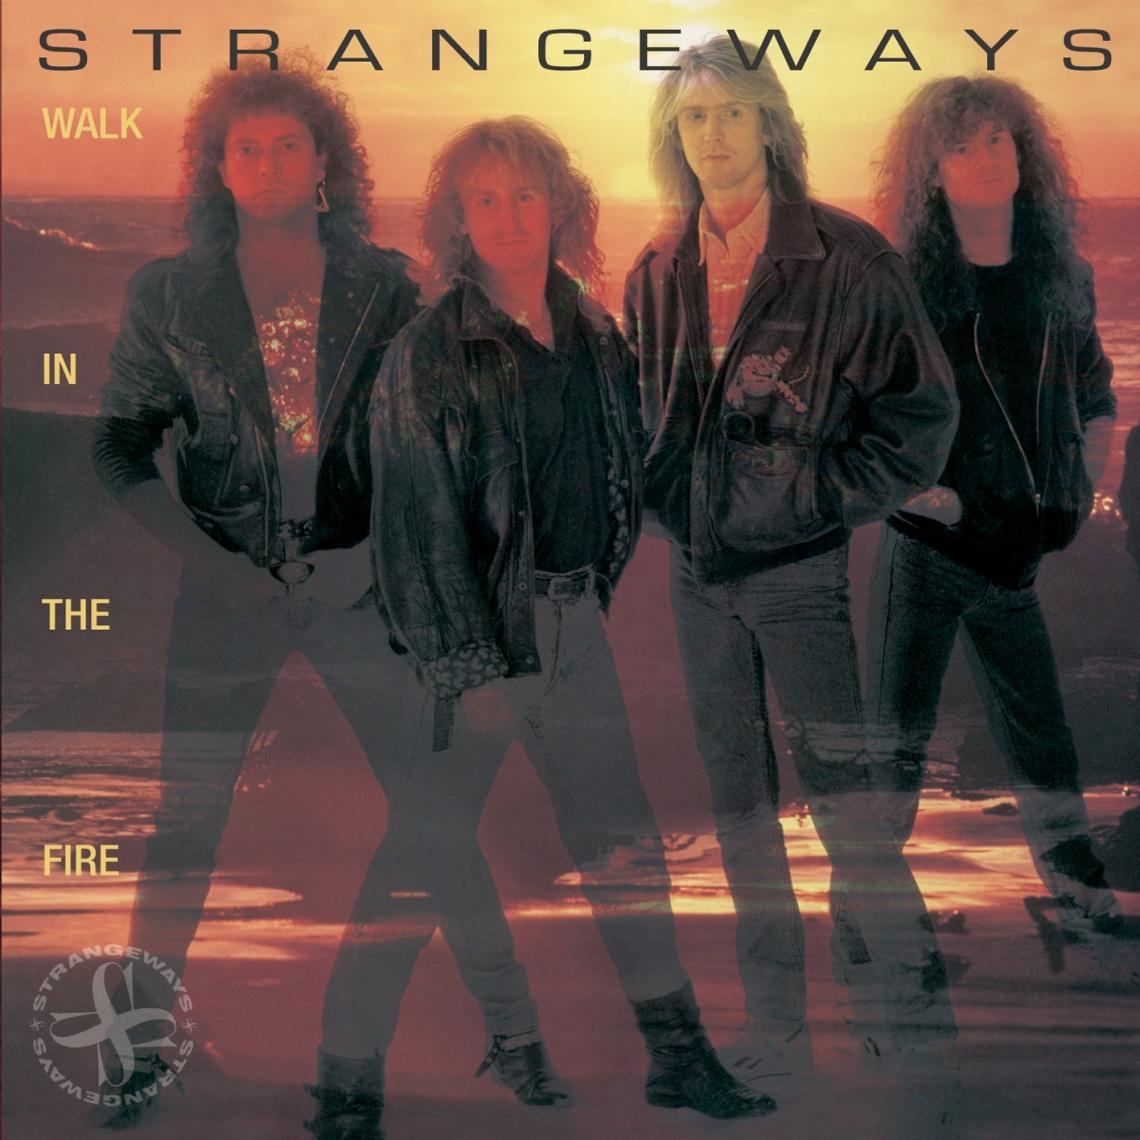 Strangeways_Fire